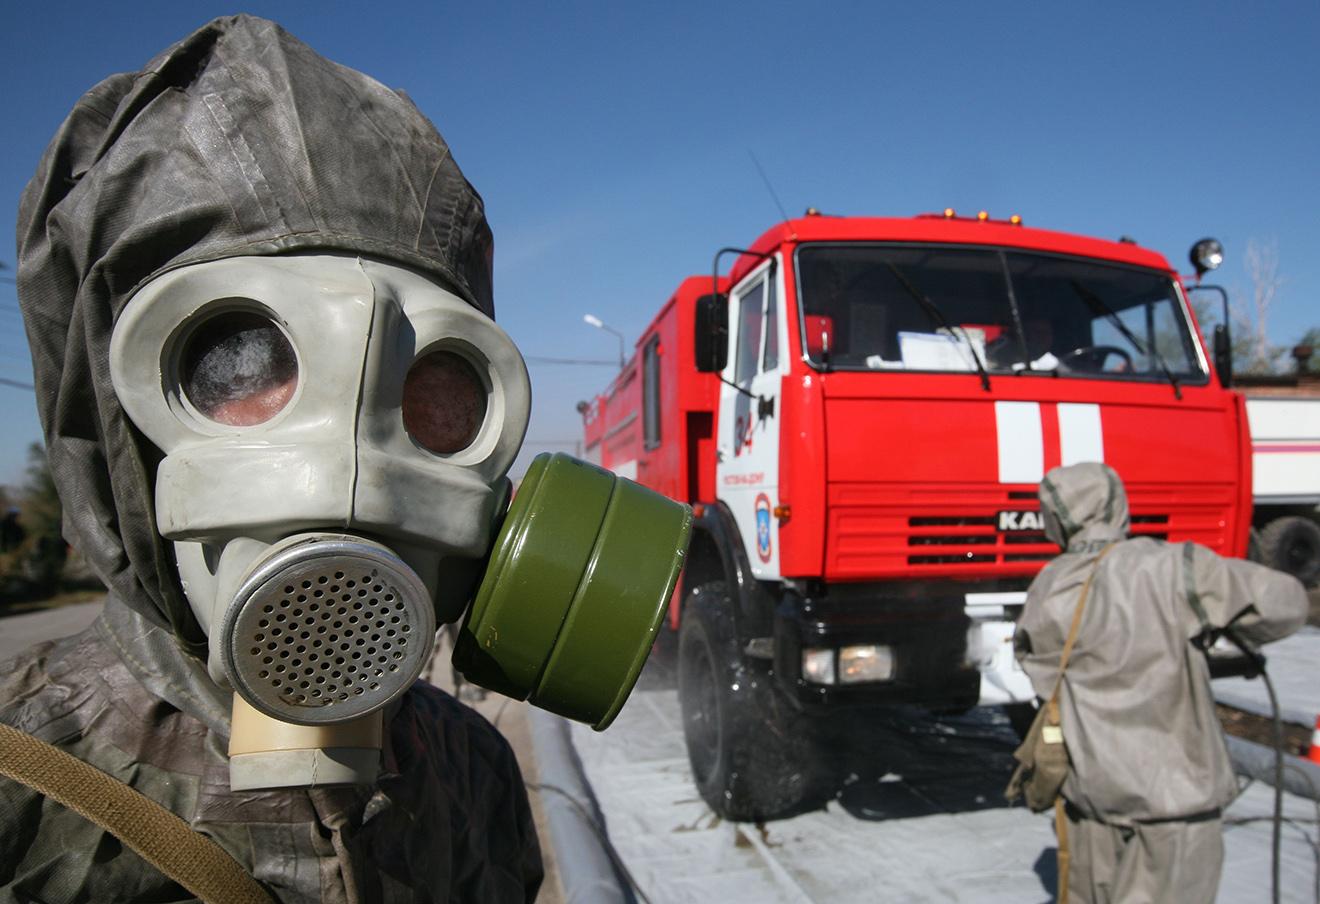 Тренировка по гражданской обороне. Фото: Виктор Погонцев / ТАСС